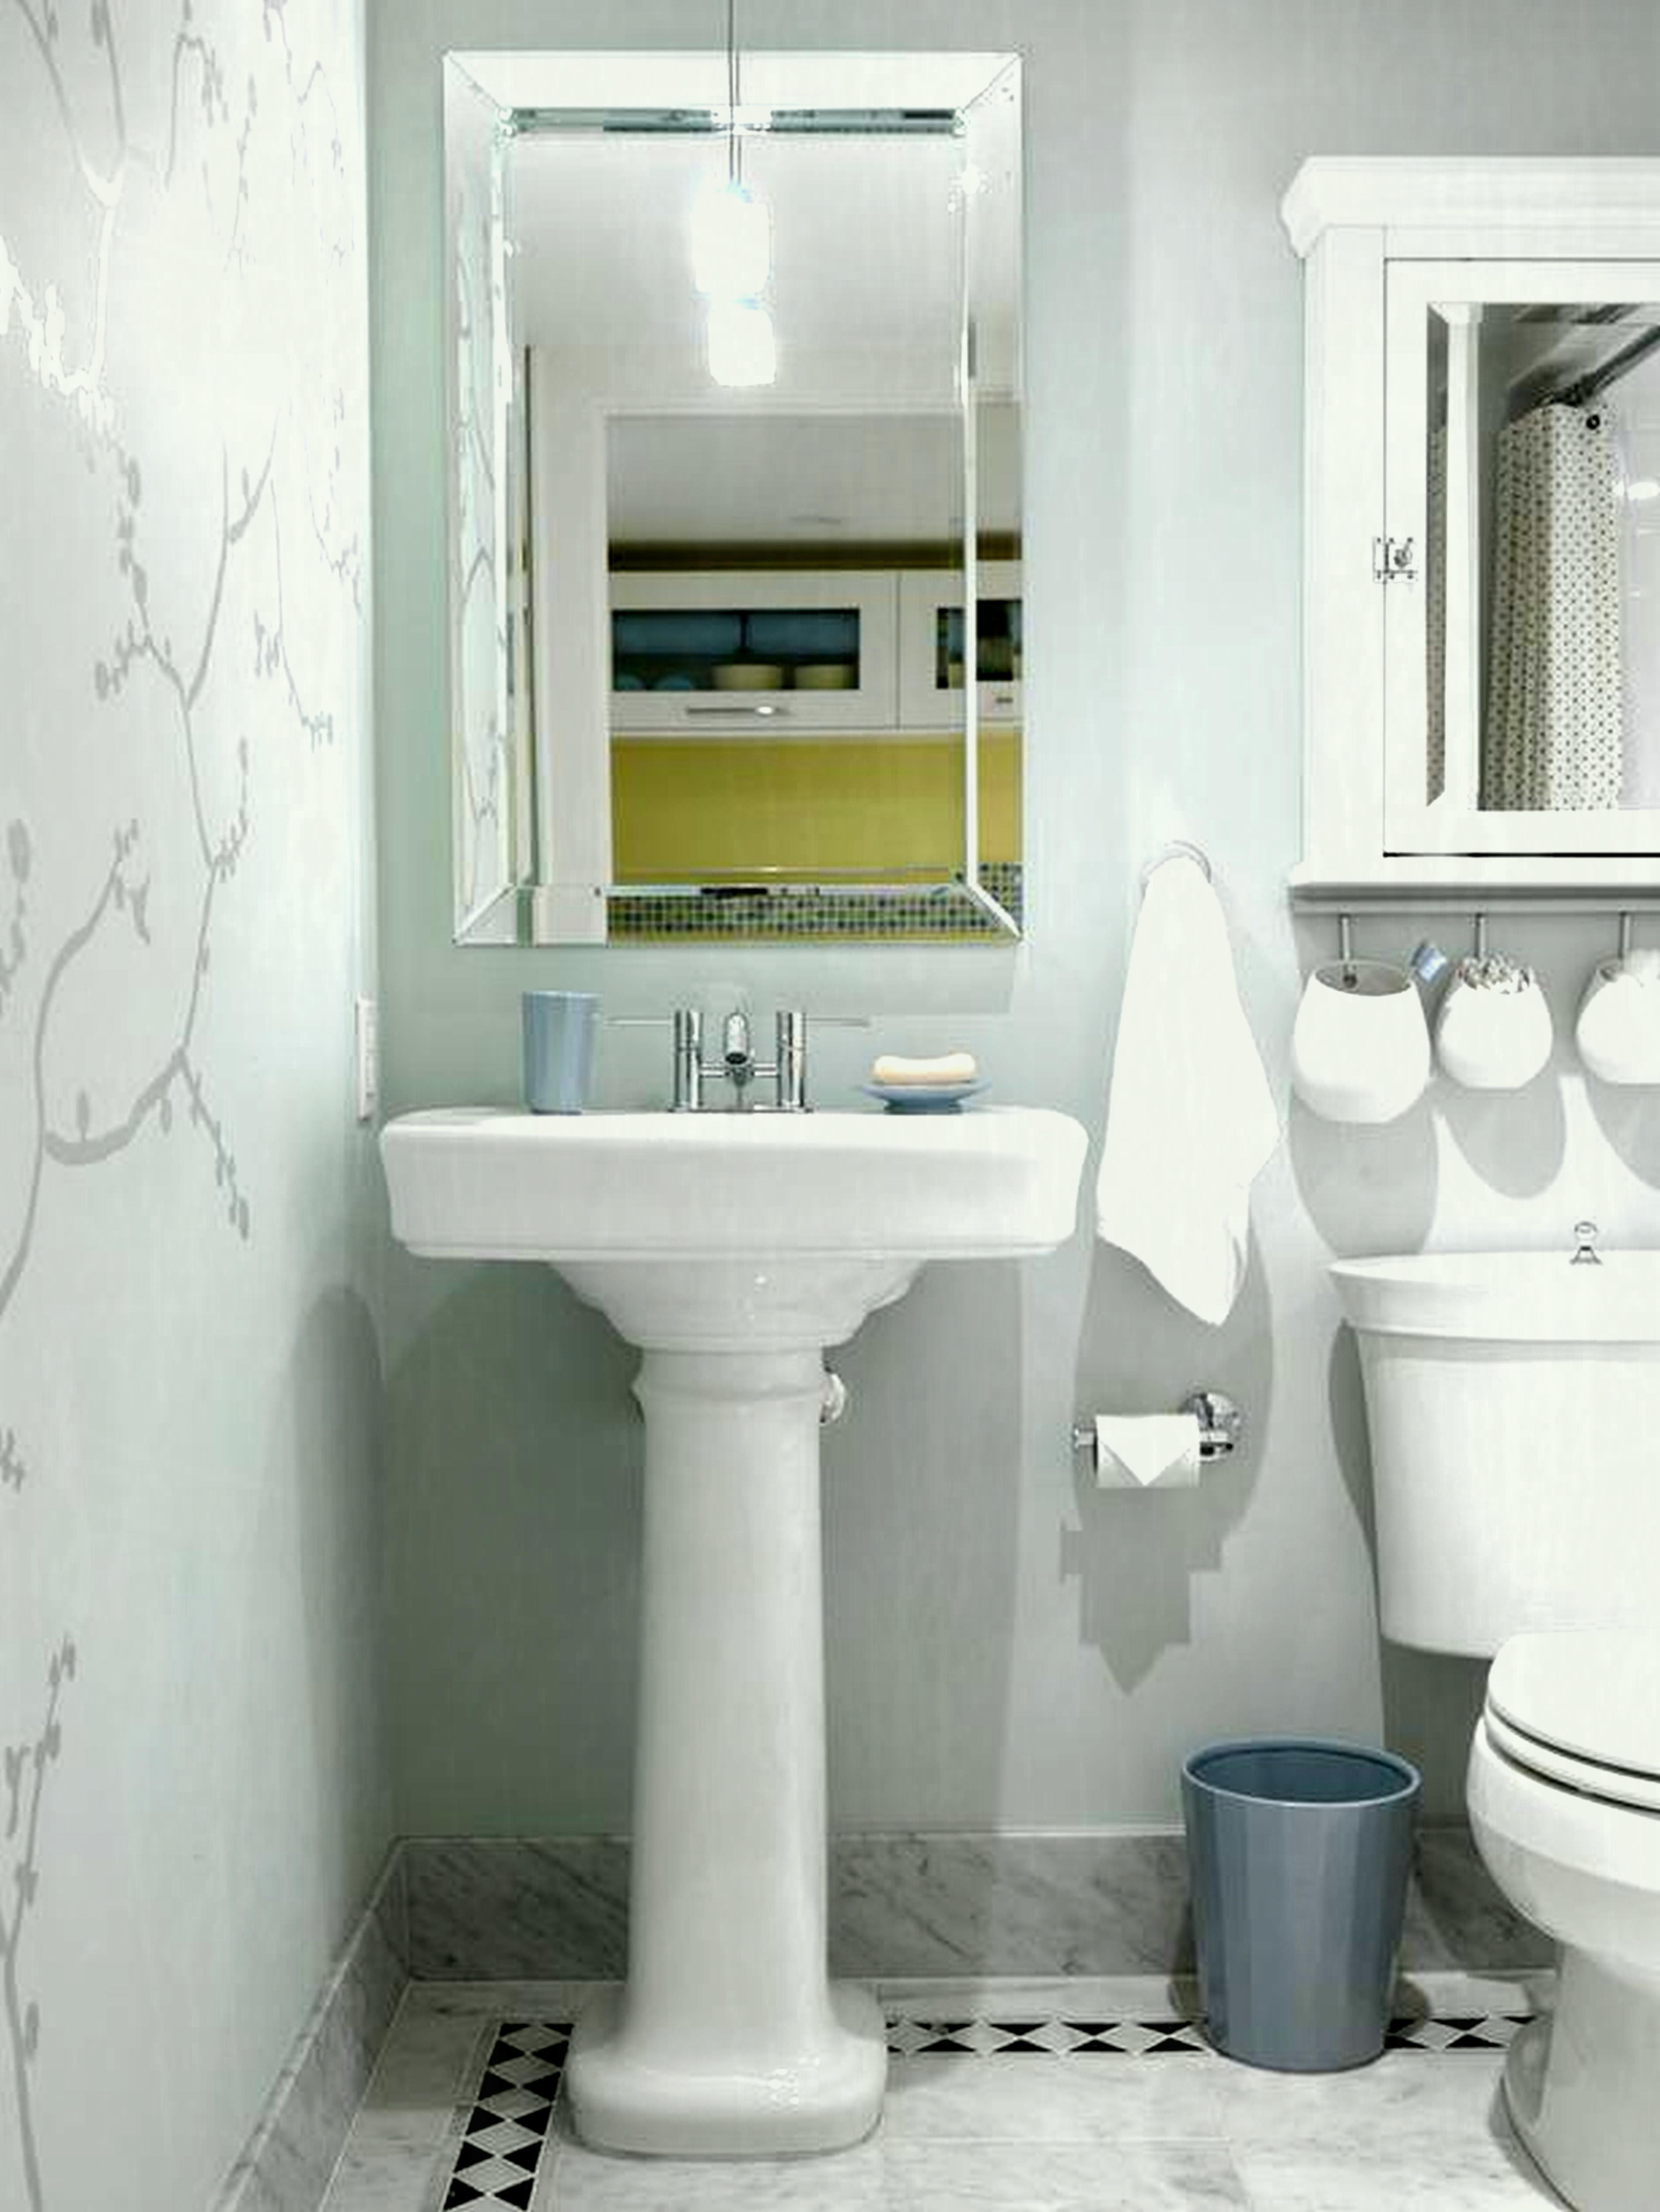 Kleinem Raum Badezimmer   Kleine Raum Bad U2013 Residence Ausstattung Besteht  Aus Der Alles,